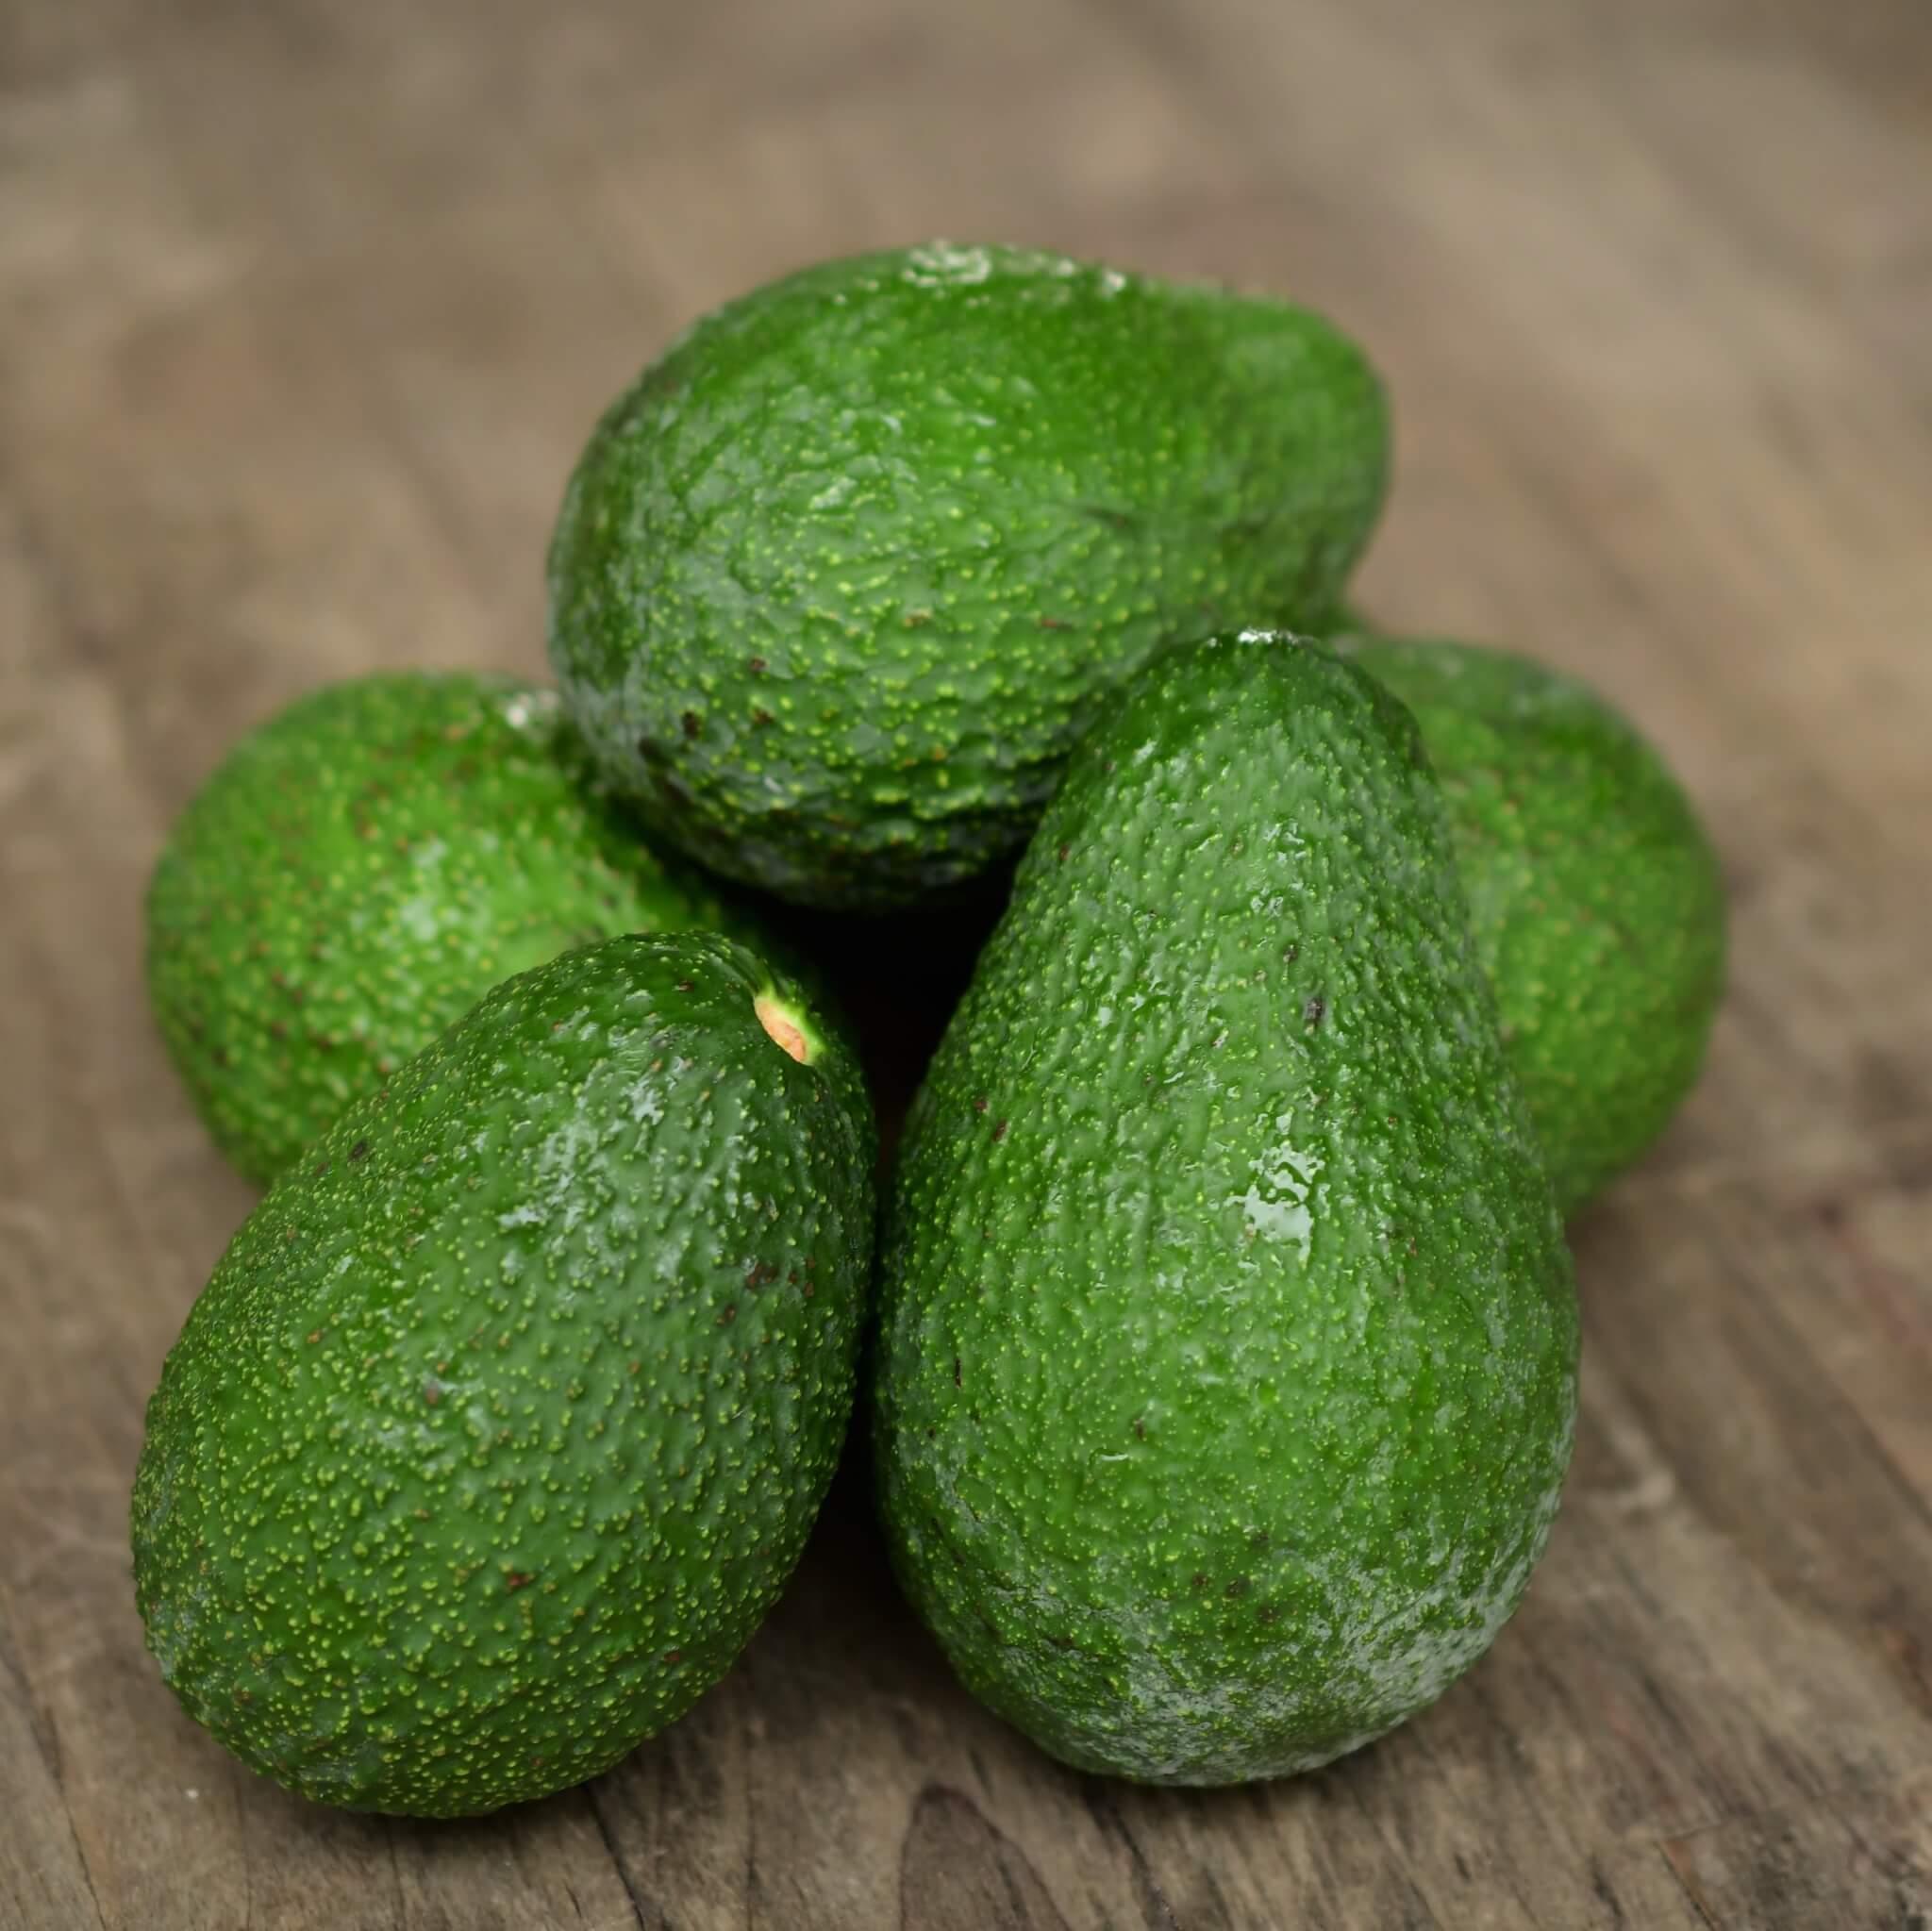 Organic & Fair Trade Hass Avocados (Mexico)